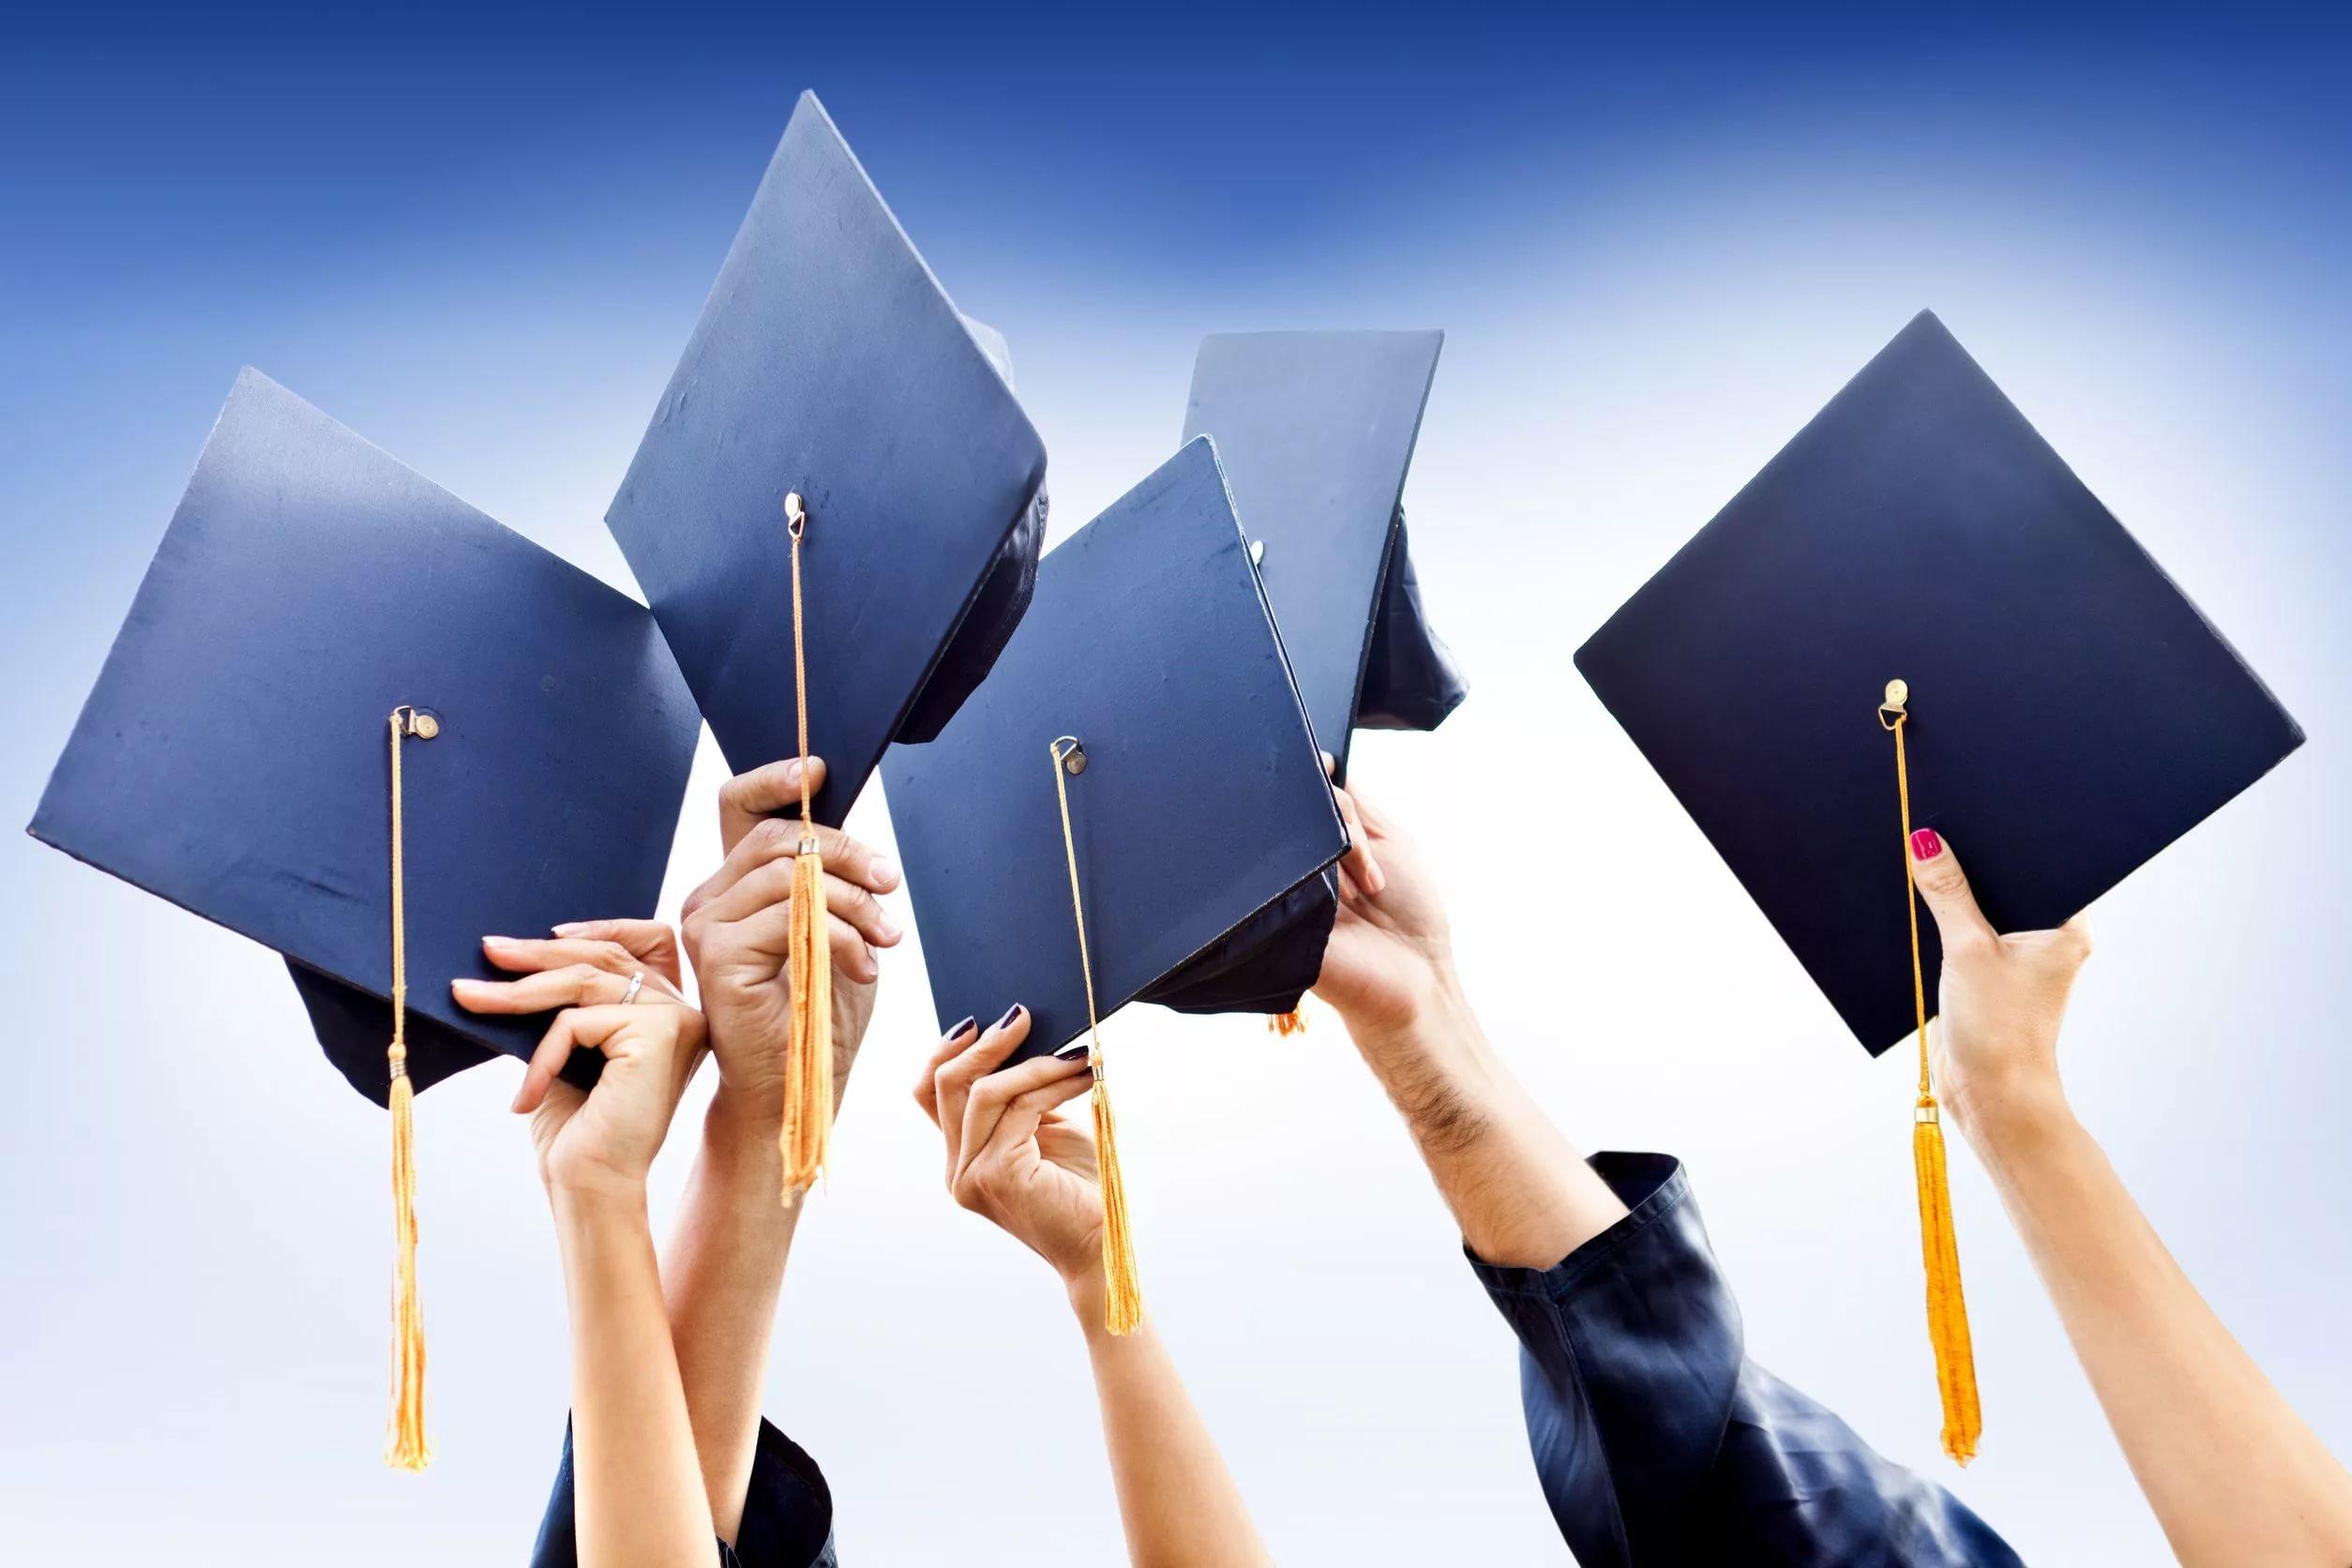 Требования к магистерской диссертации ГОСТ оформления объем  Диссертация выполняется по строгим требованиям предъявляемым как к содержанию так и к оформлению работы